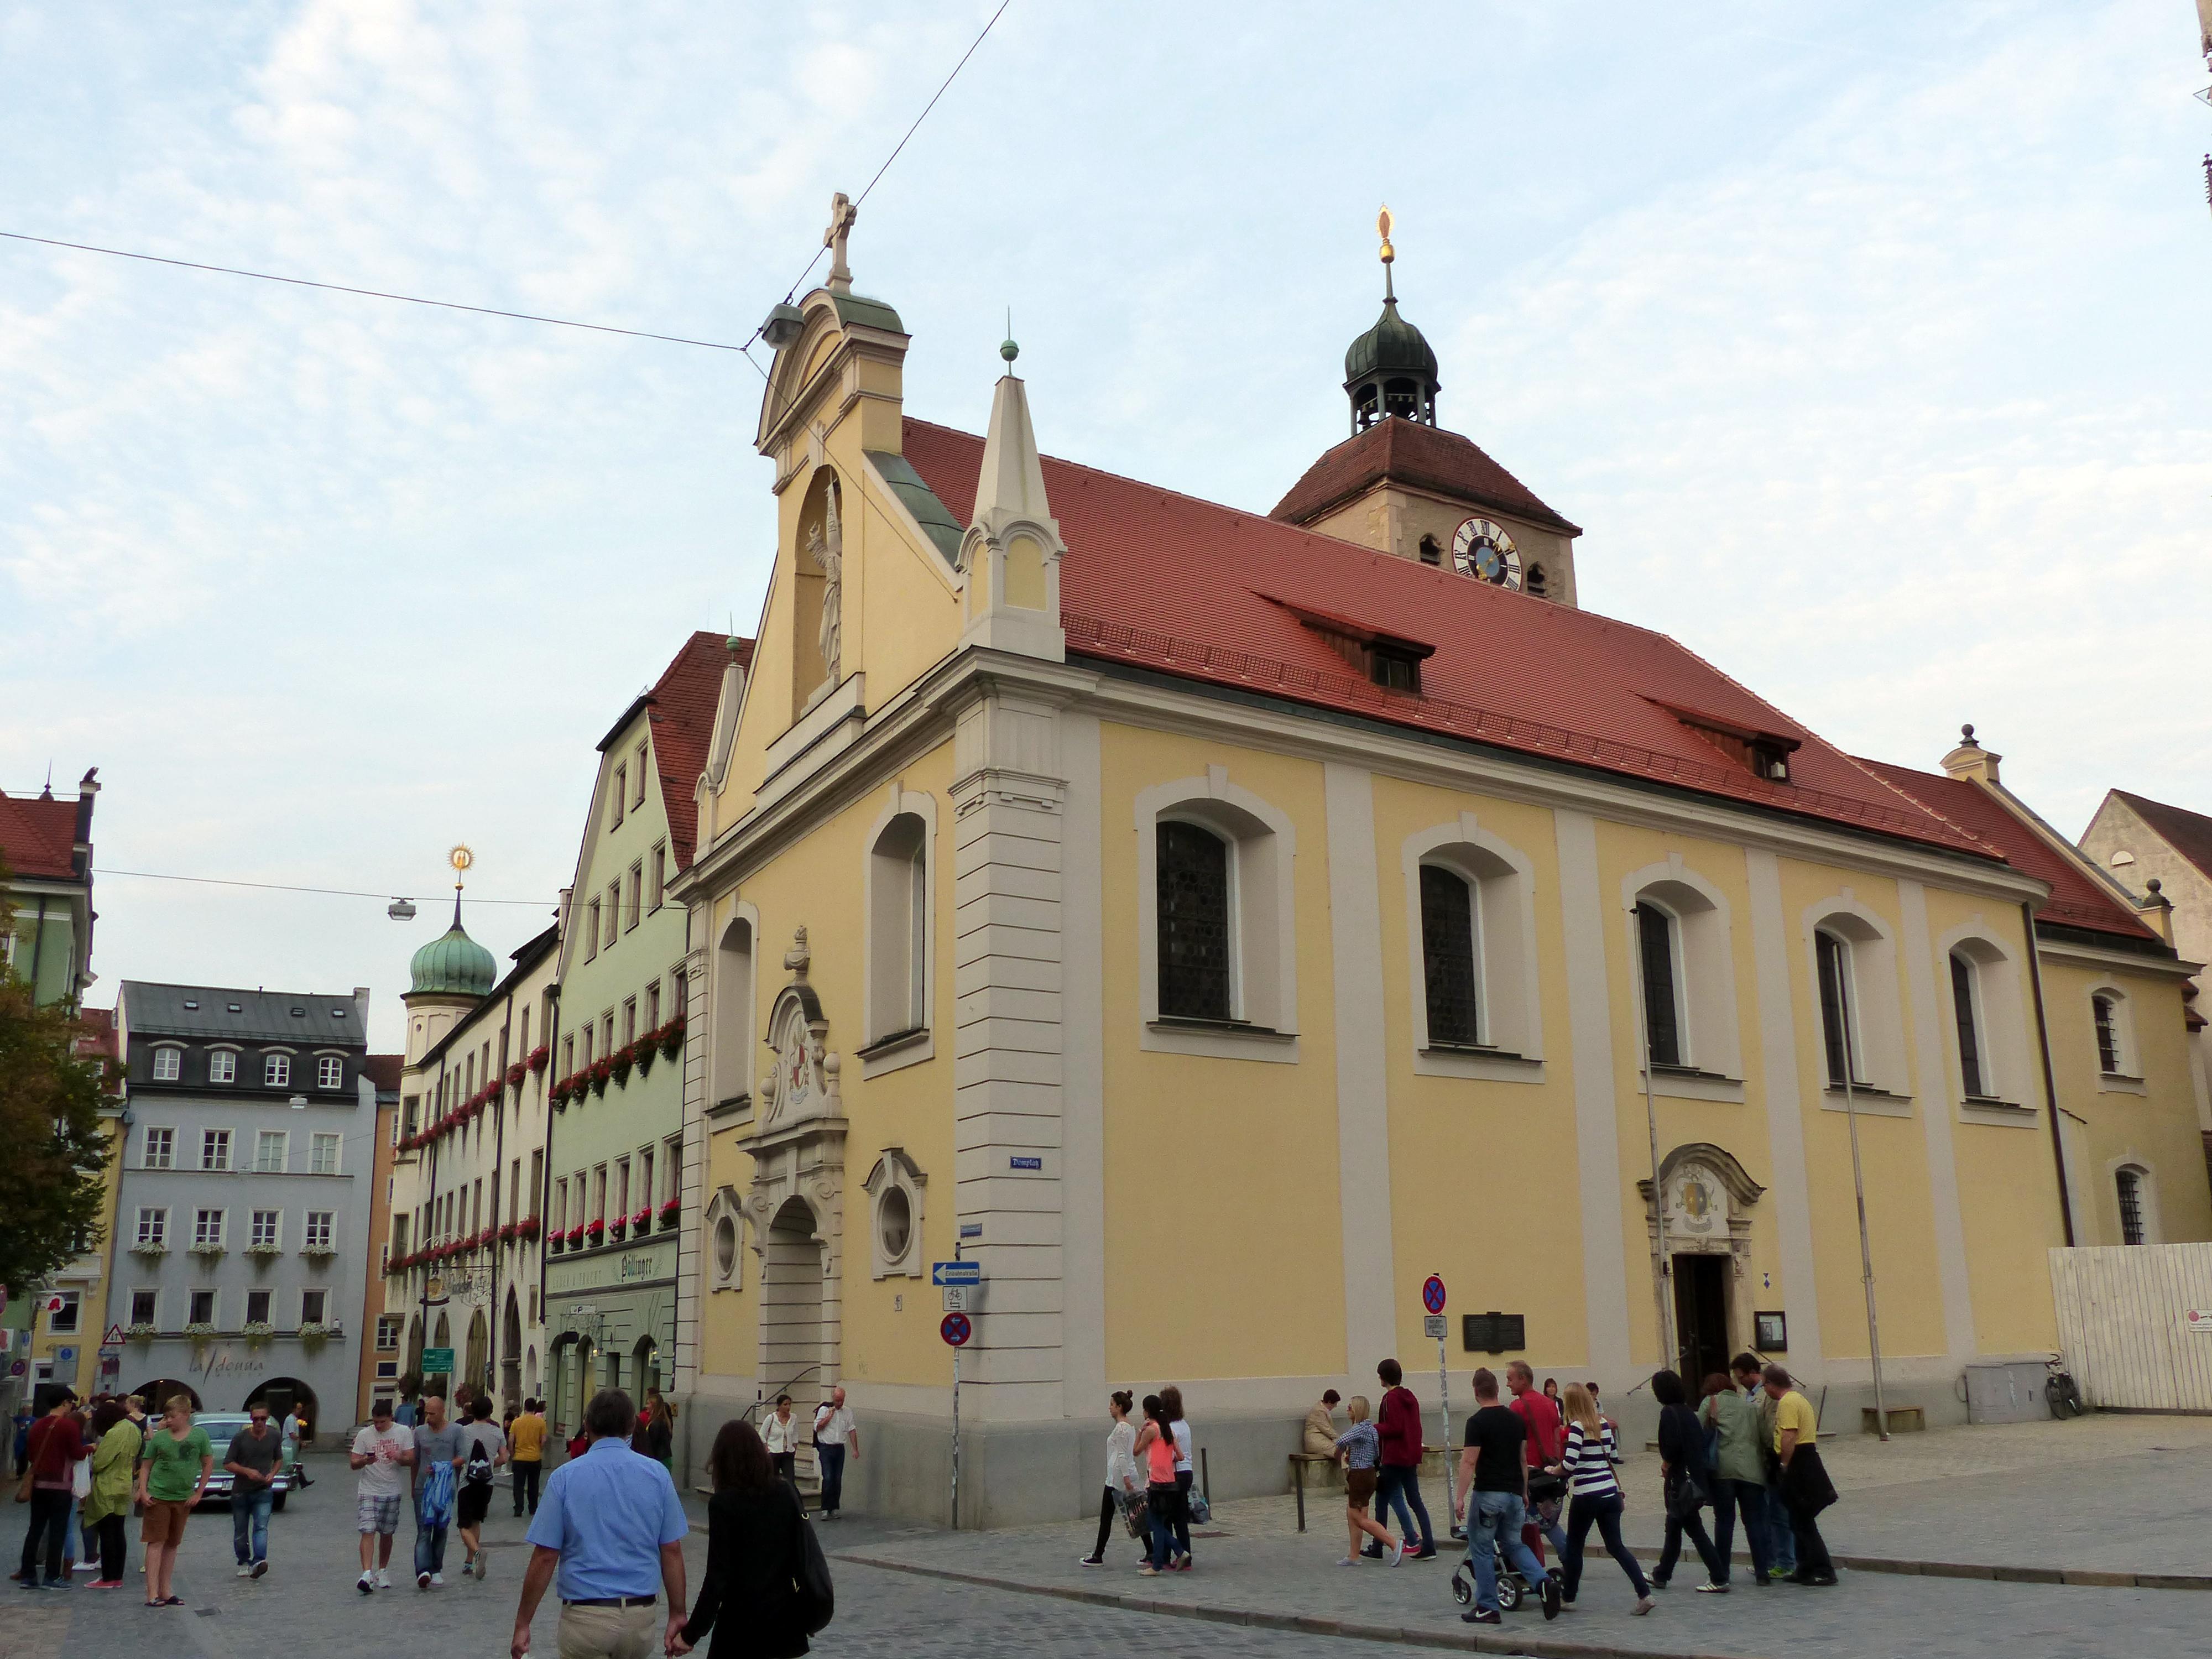 St Johannes Regensburg